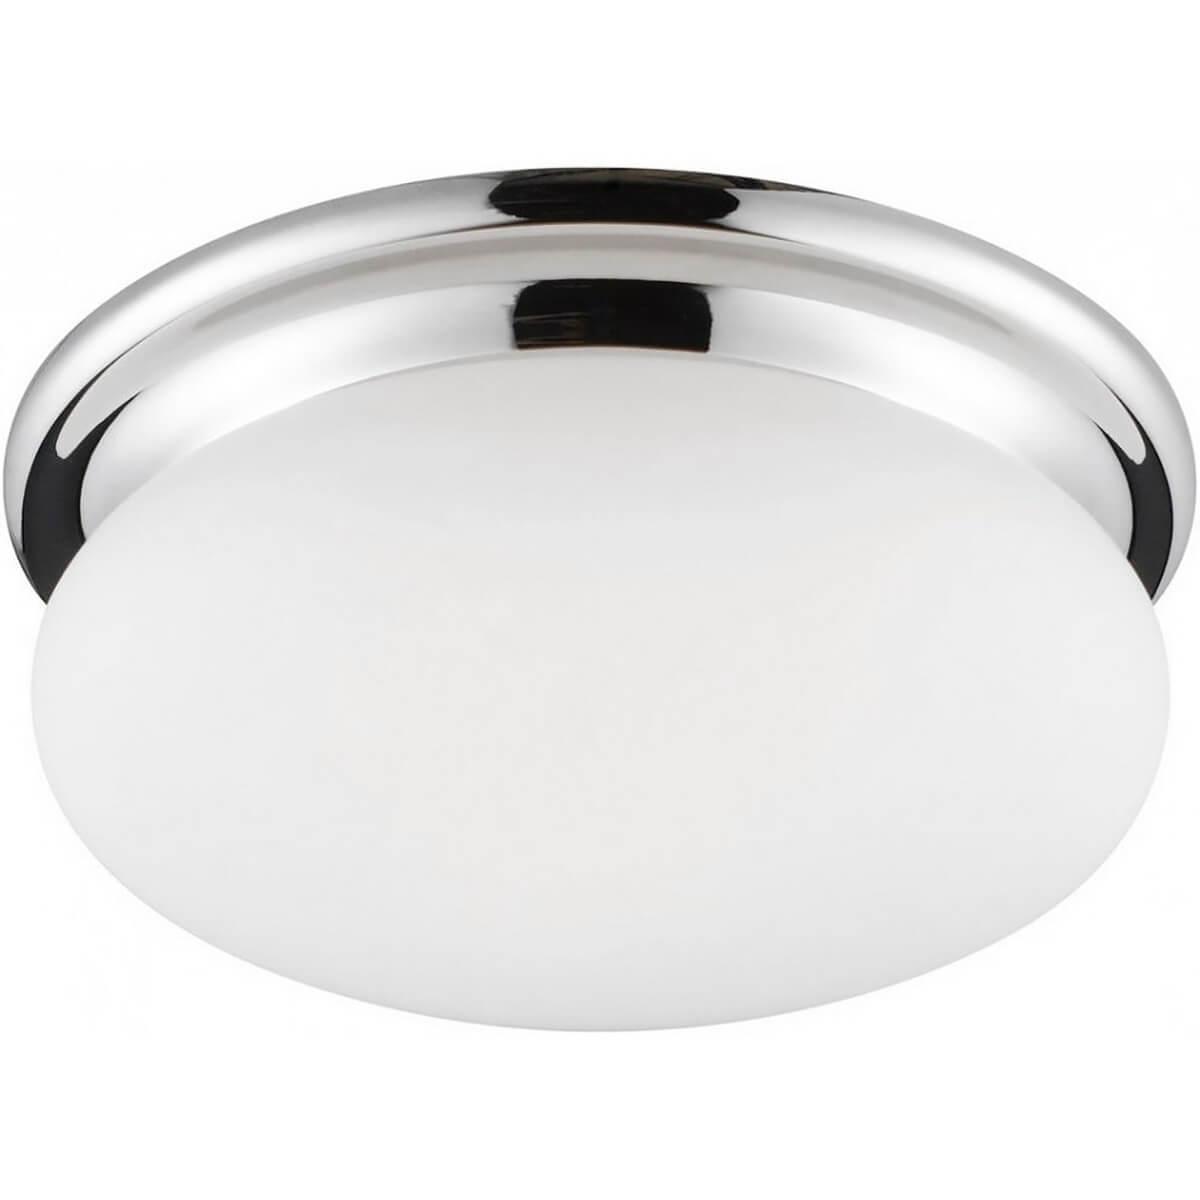 Потолочный светильник Arte Lamp Aqua A2916PL-2CC потолочный светильник arte lamp aqua a2916pl 1cc